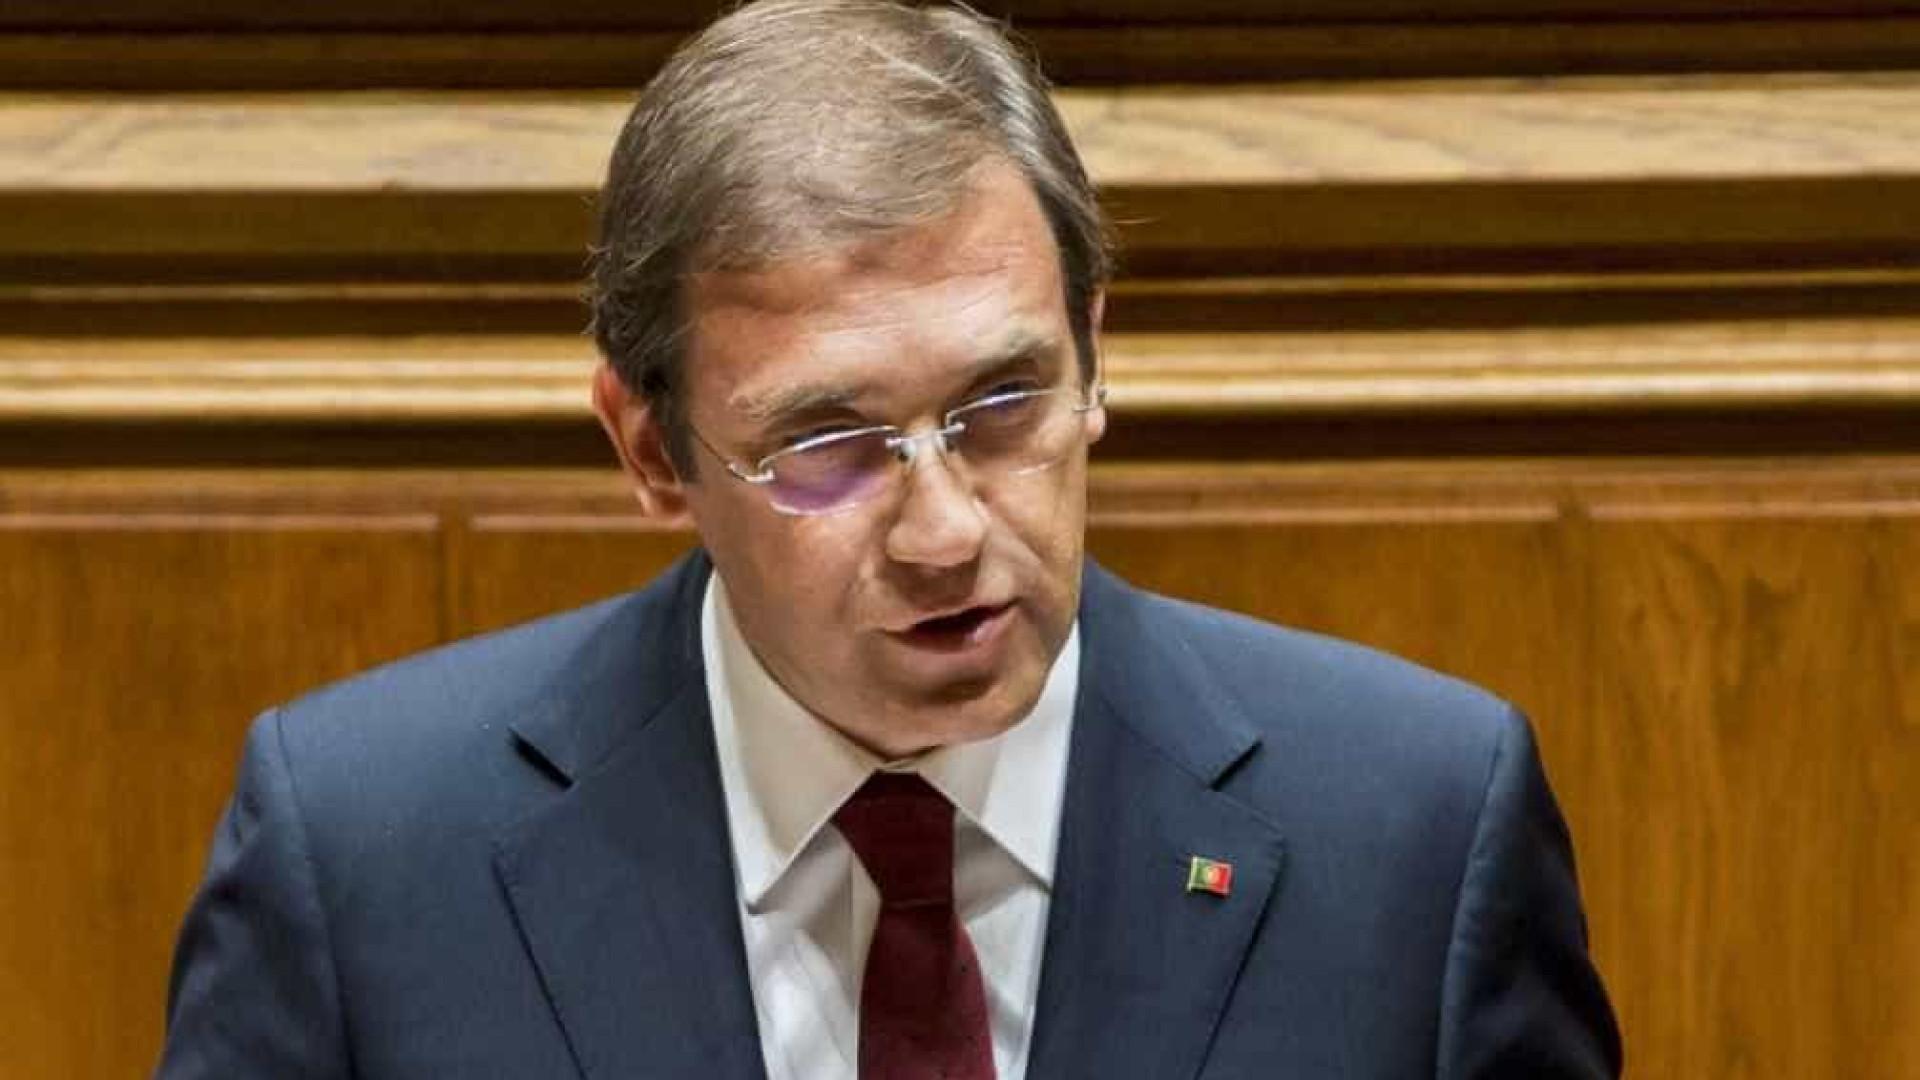 """PSD só poderá voltar ao poder """"se não tiver medo de perder"""""""